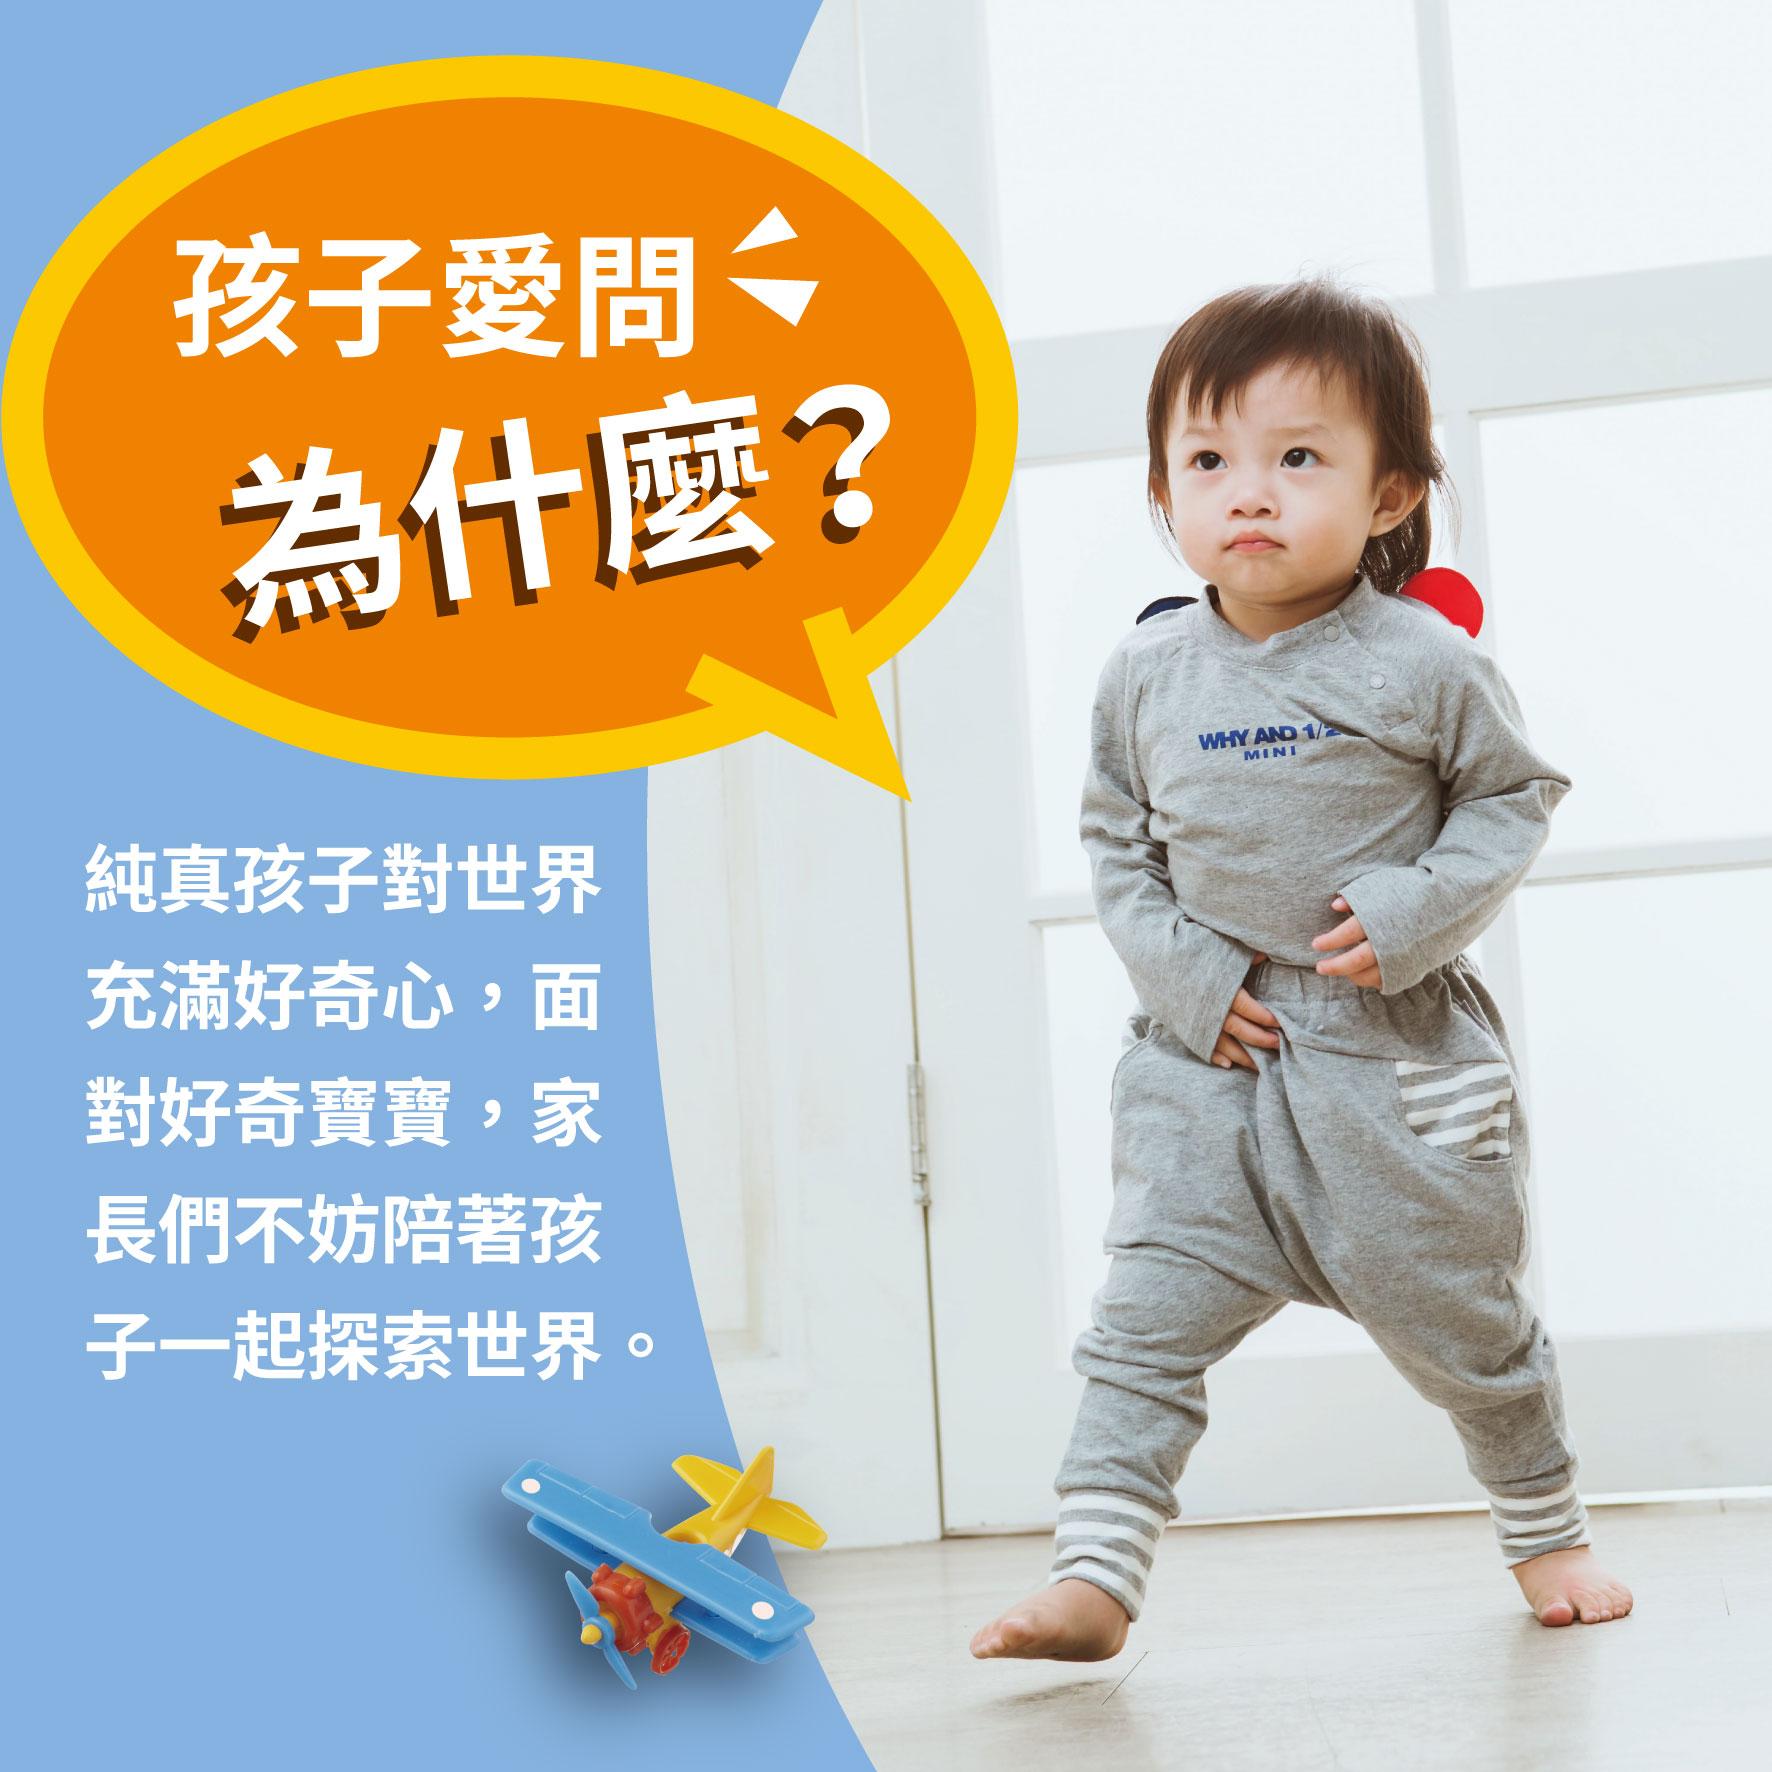 幼兒4歲(第10週)孩子愛問為什麼?